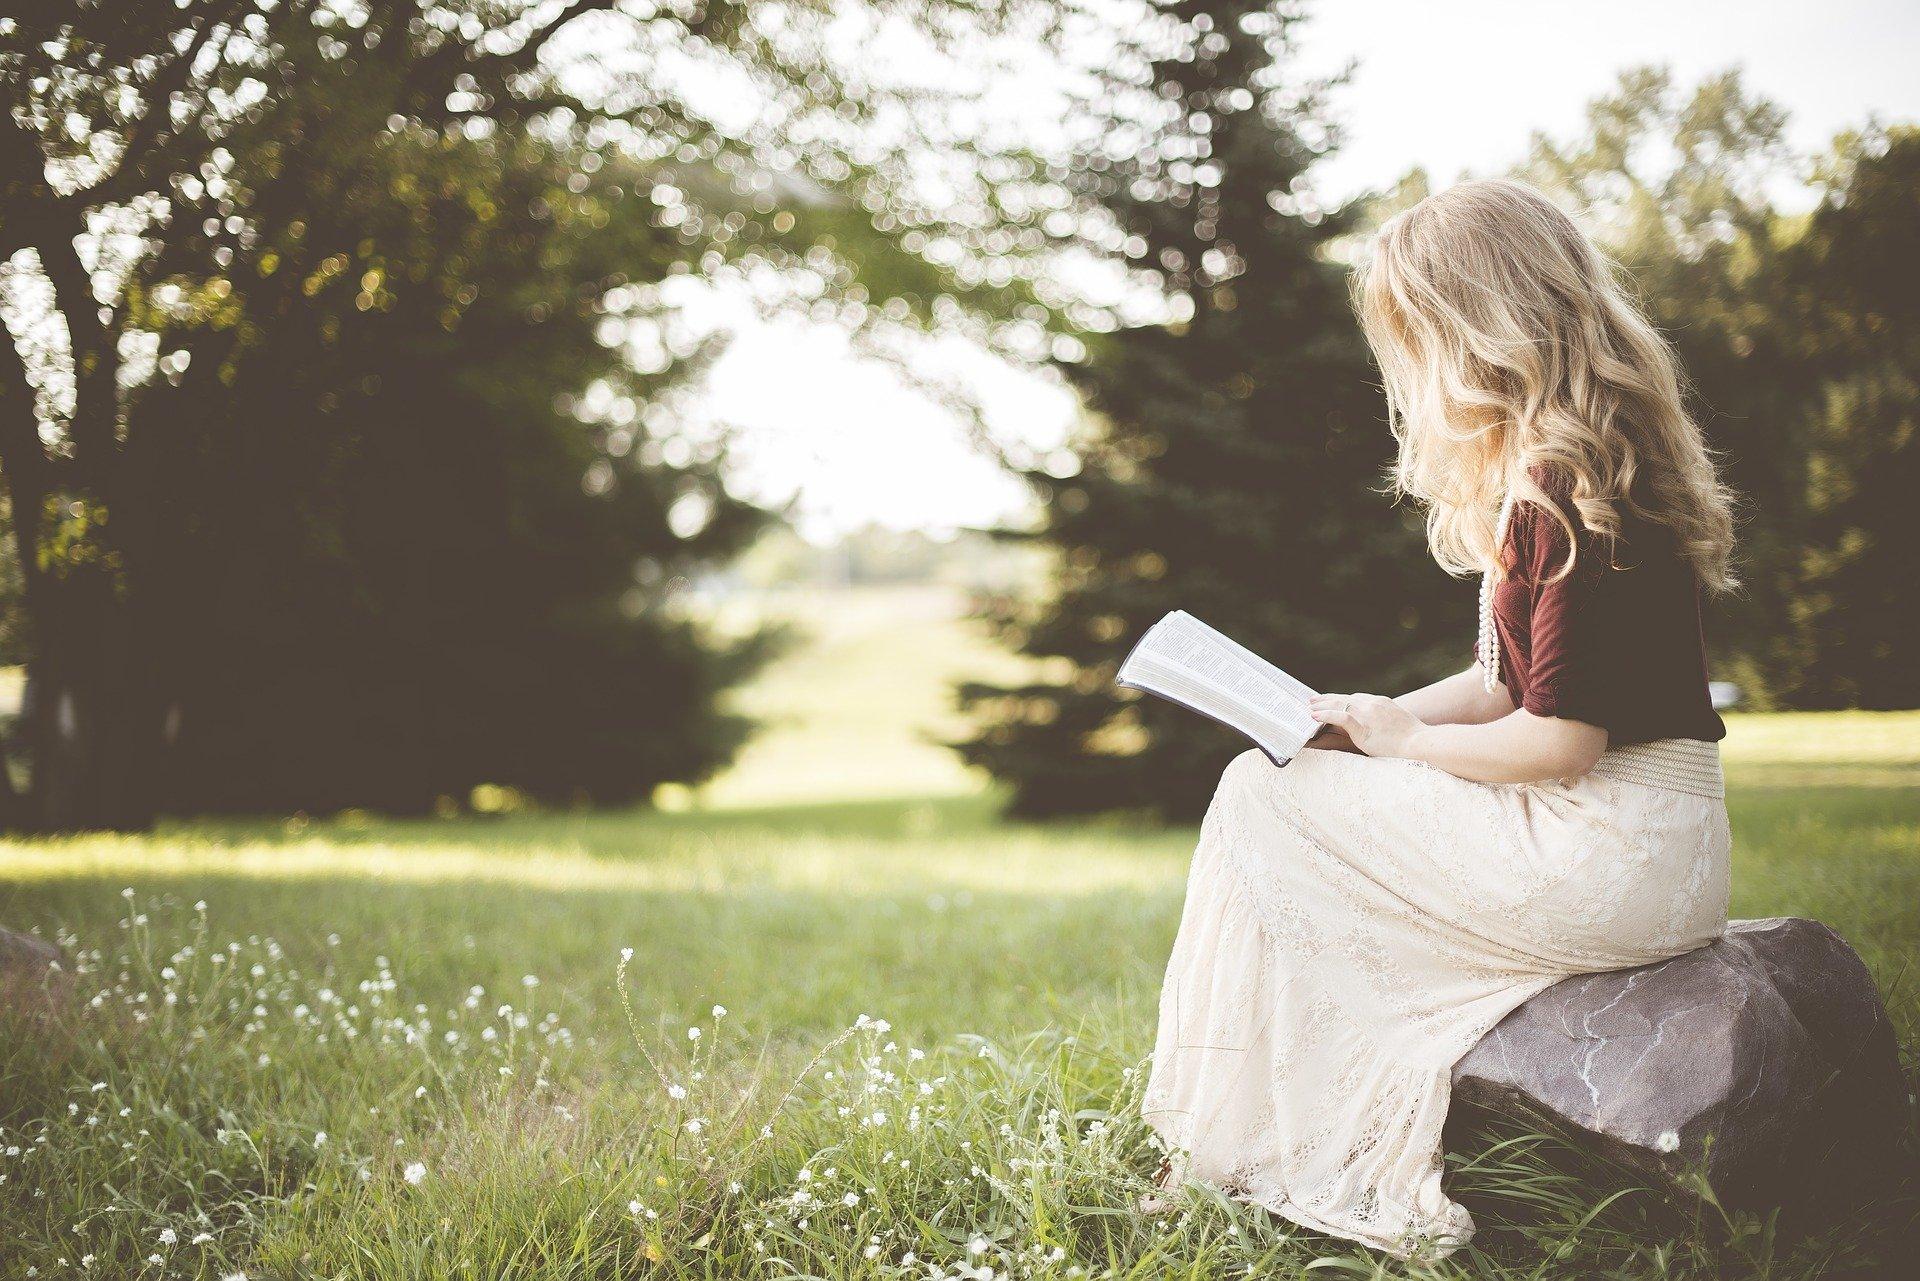 כל מה שחשוב לדעת על עריכה ספרותית